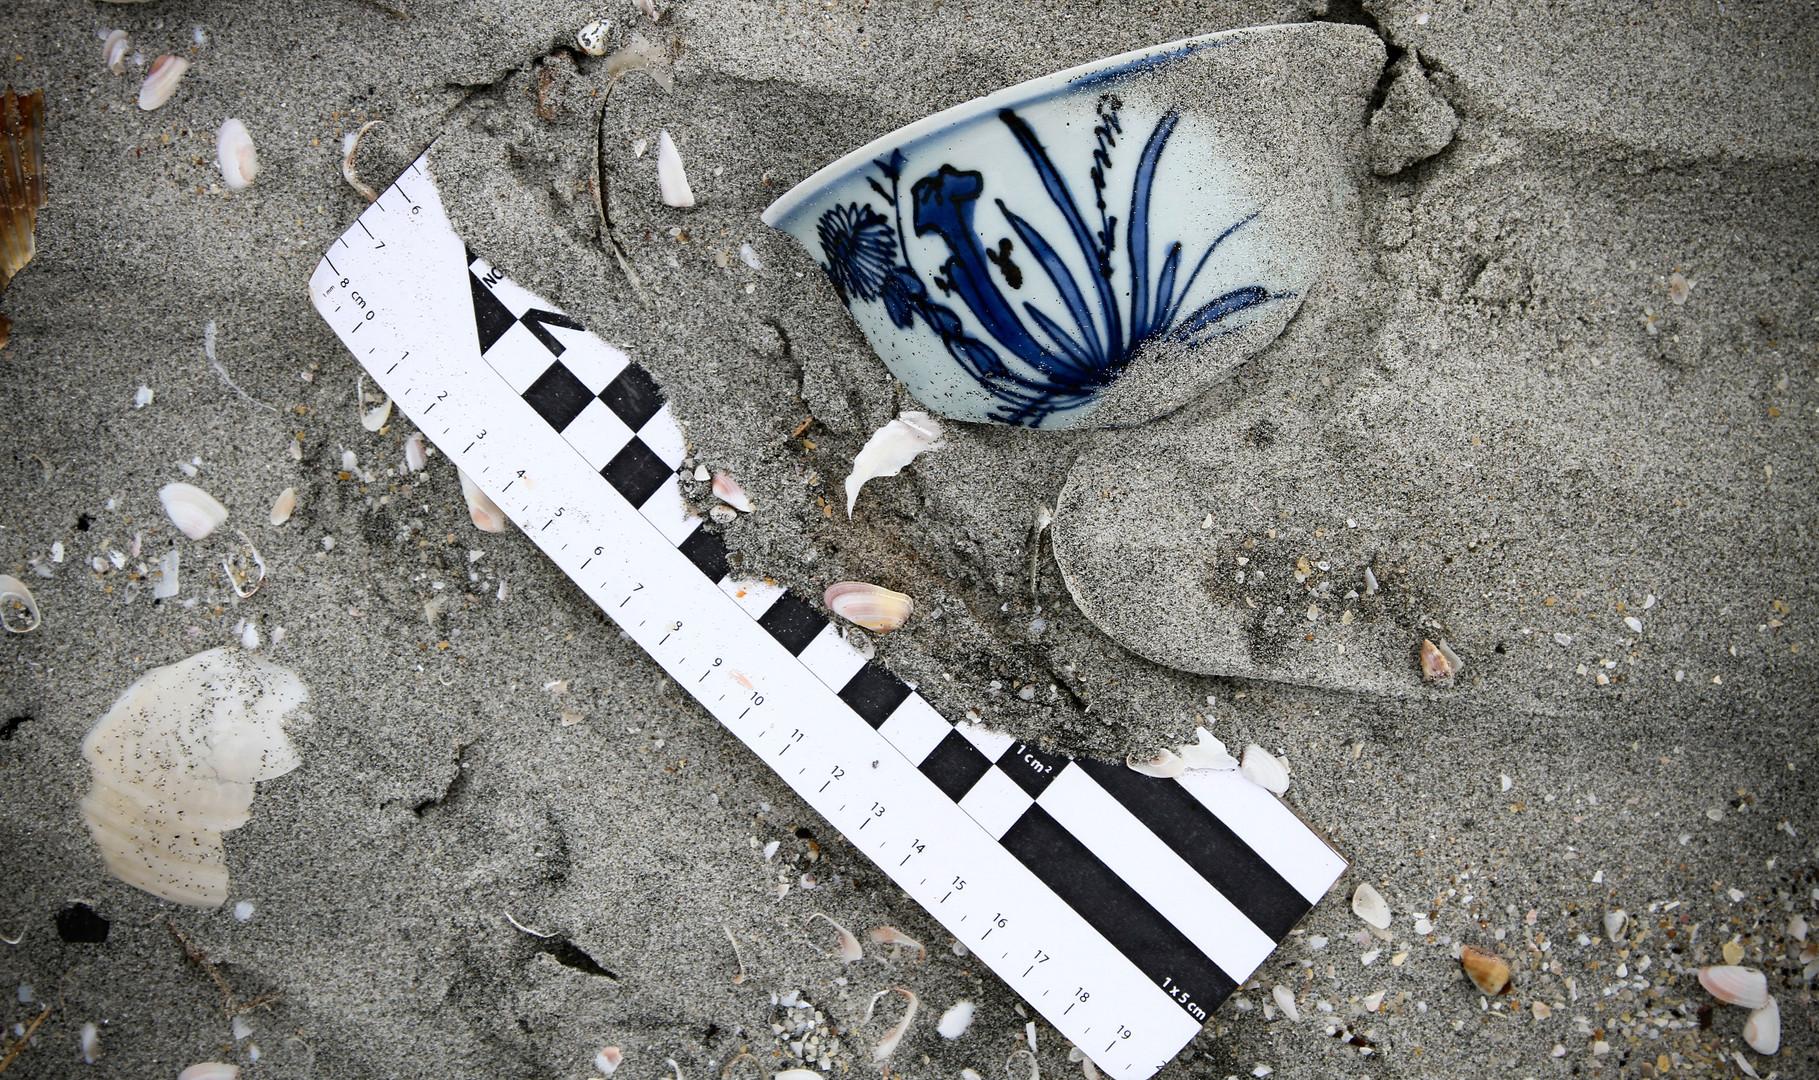 """Porcelana China hallada en las playas de Guerrero Negro, Baja California Sur. Proyecto """"El Galeón de Manila"""". Foto por Rodrigo Del Río SAS/INAH"""